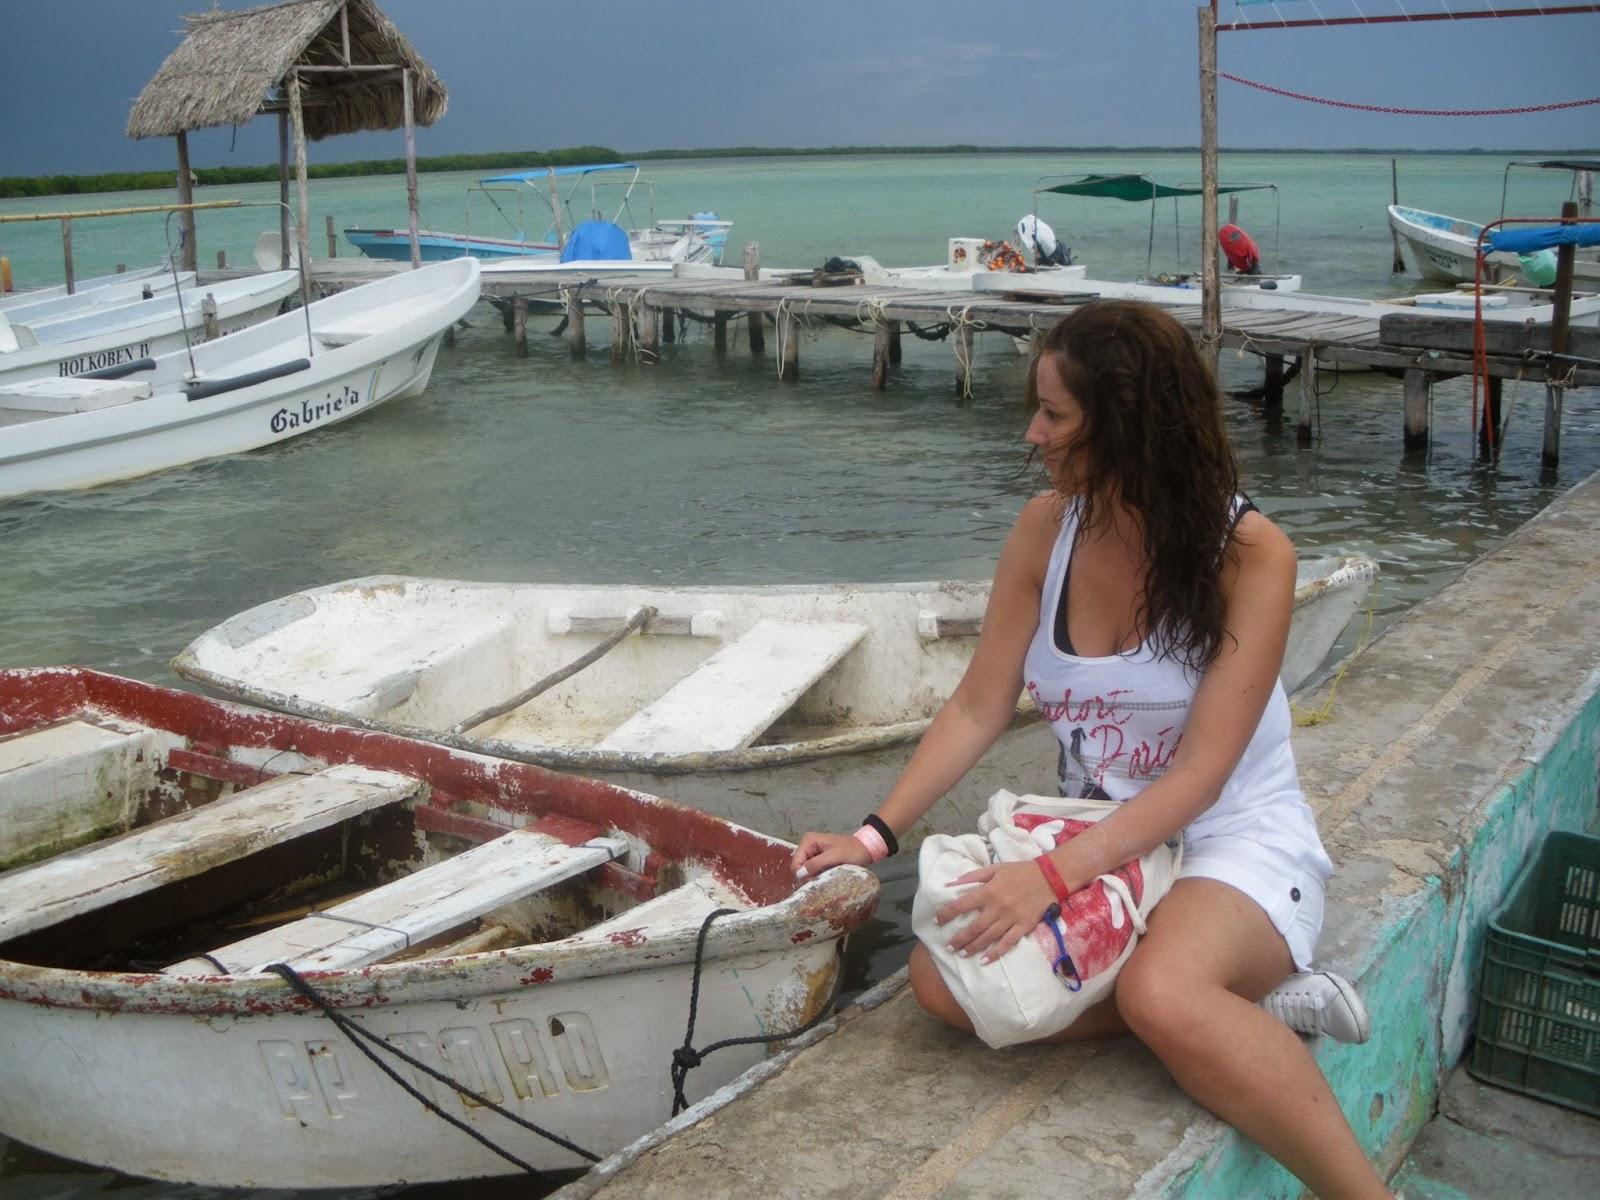 rio lagartos yucatan mexico pueblo